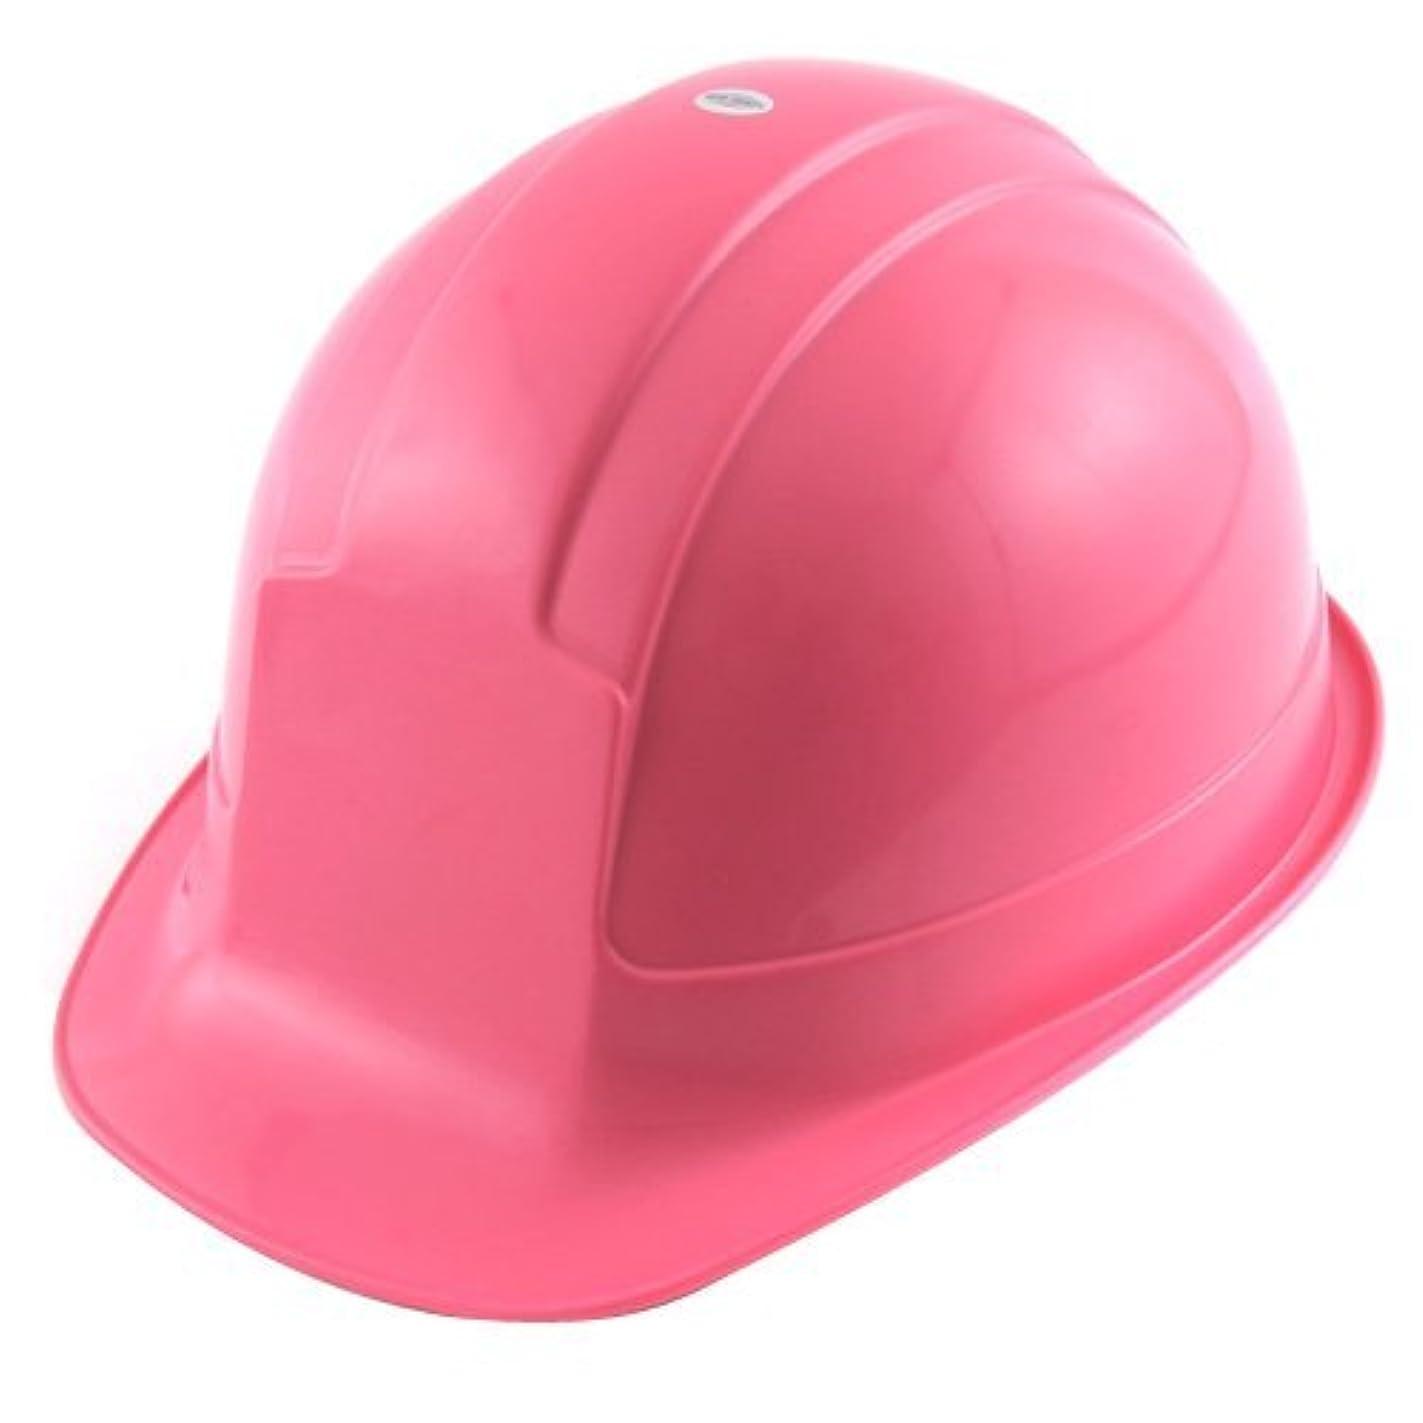 尽きる対象白いTOYO アメリカンタイプヘルメット No.300 ピンク 軽量 深型 安定感抜群 日本製